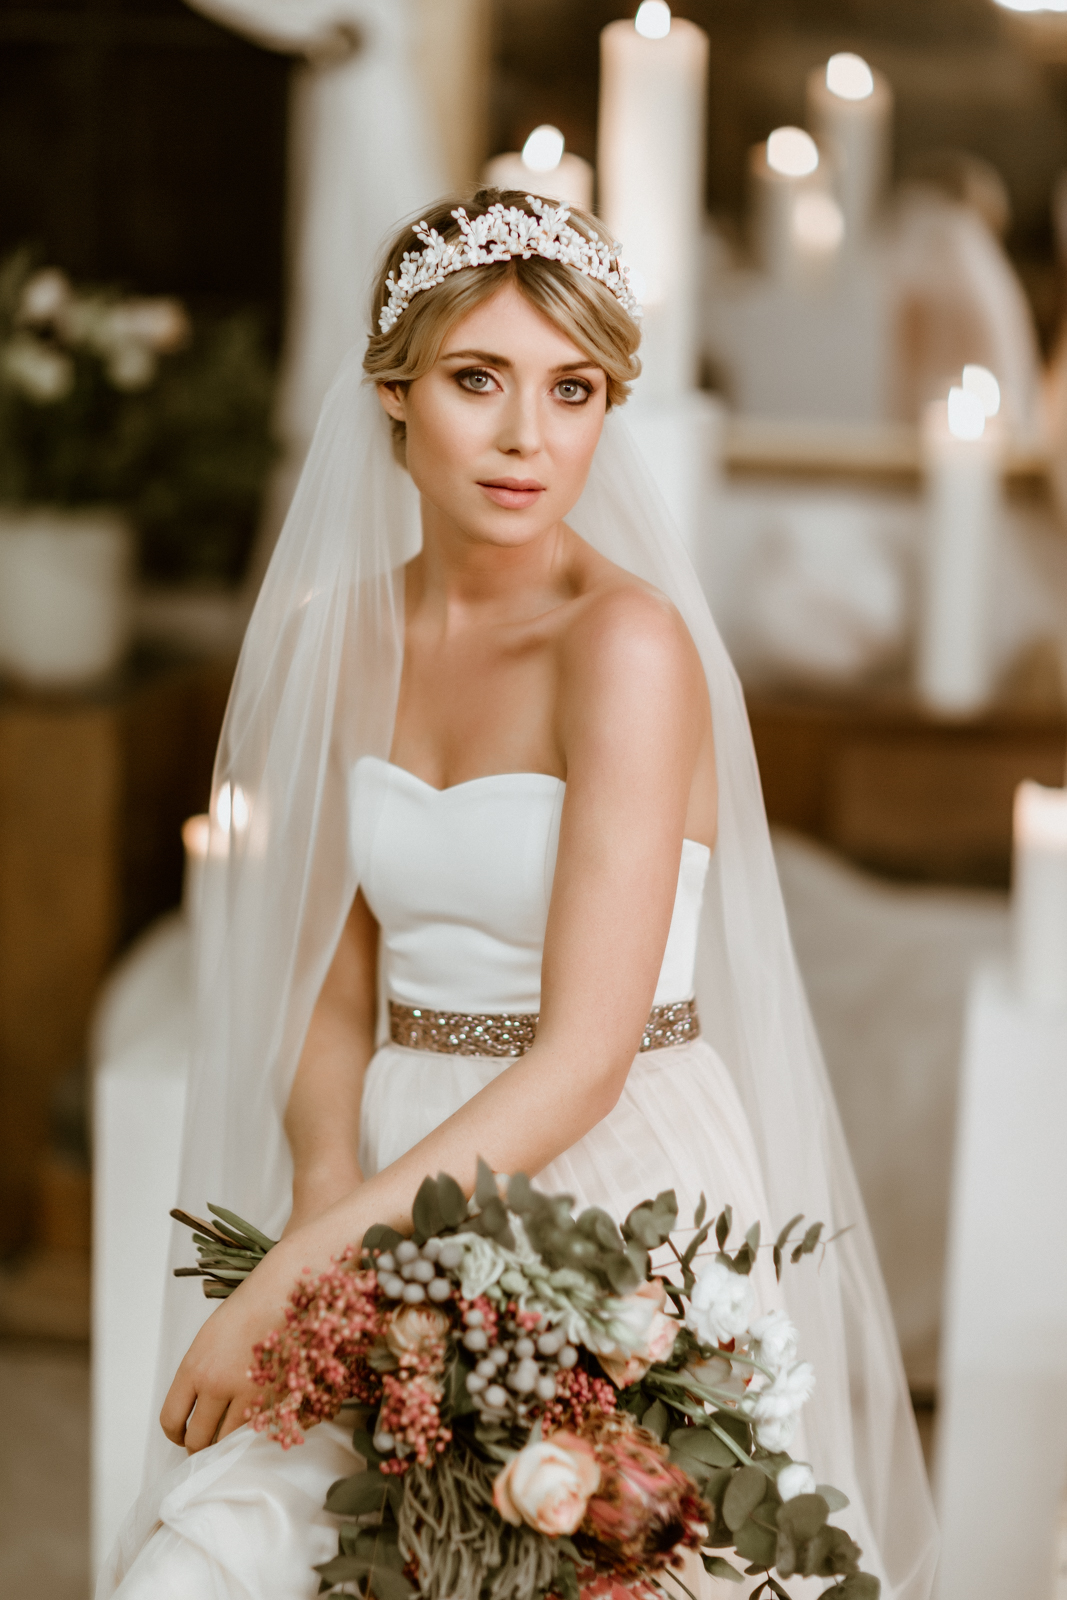 noni Brautkleider, zweiteiliges Brautkleid mit Corsage und Tüllrock in Ivory, Braut mit langem Brautschleier